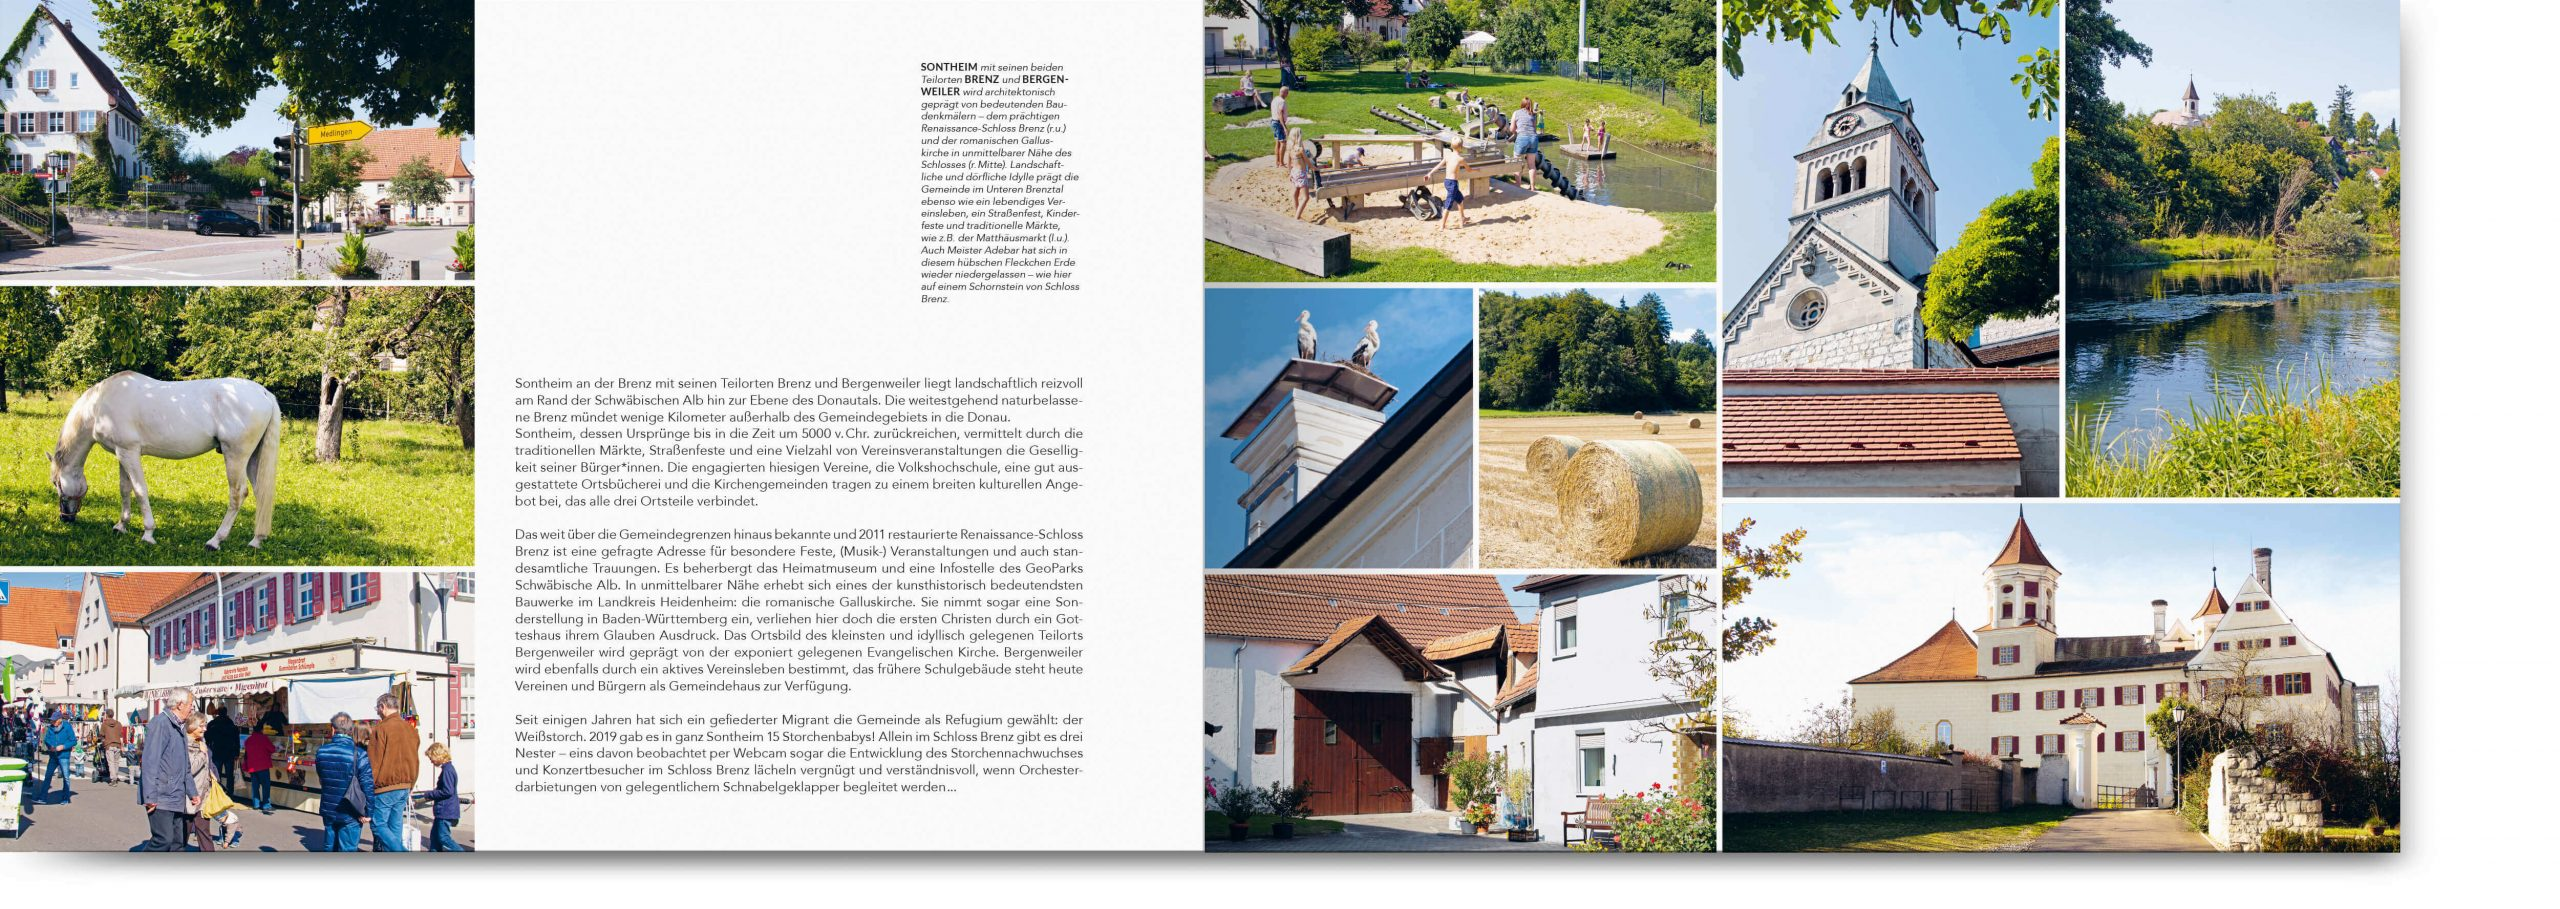 fh-web-asb-broschüren-sontheim-3-scaled.jpg